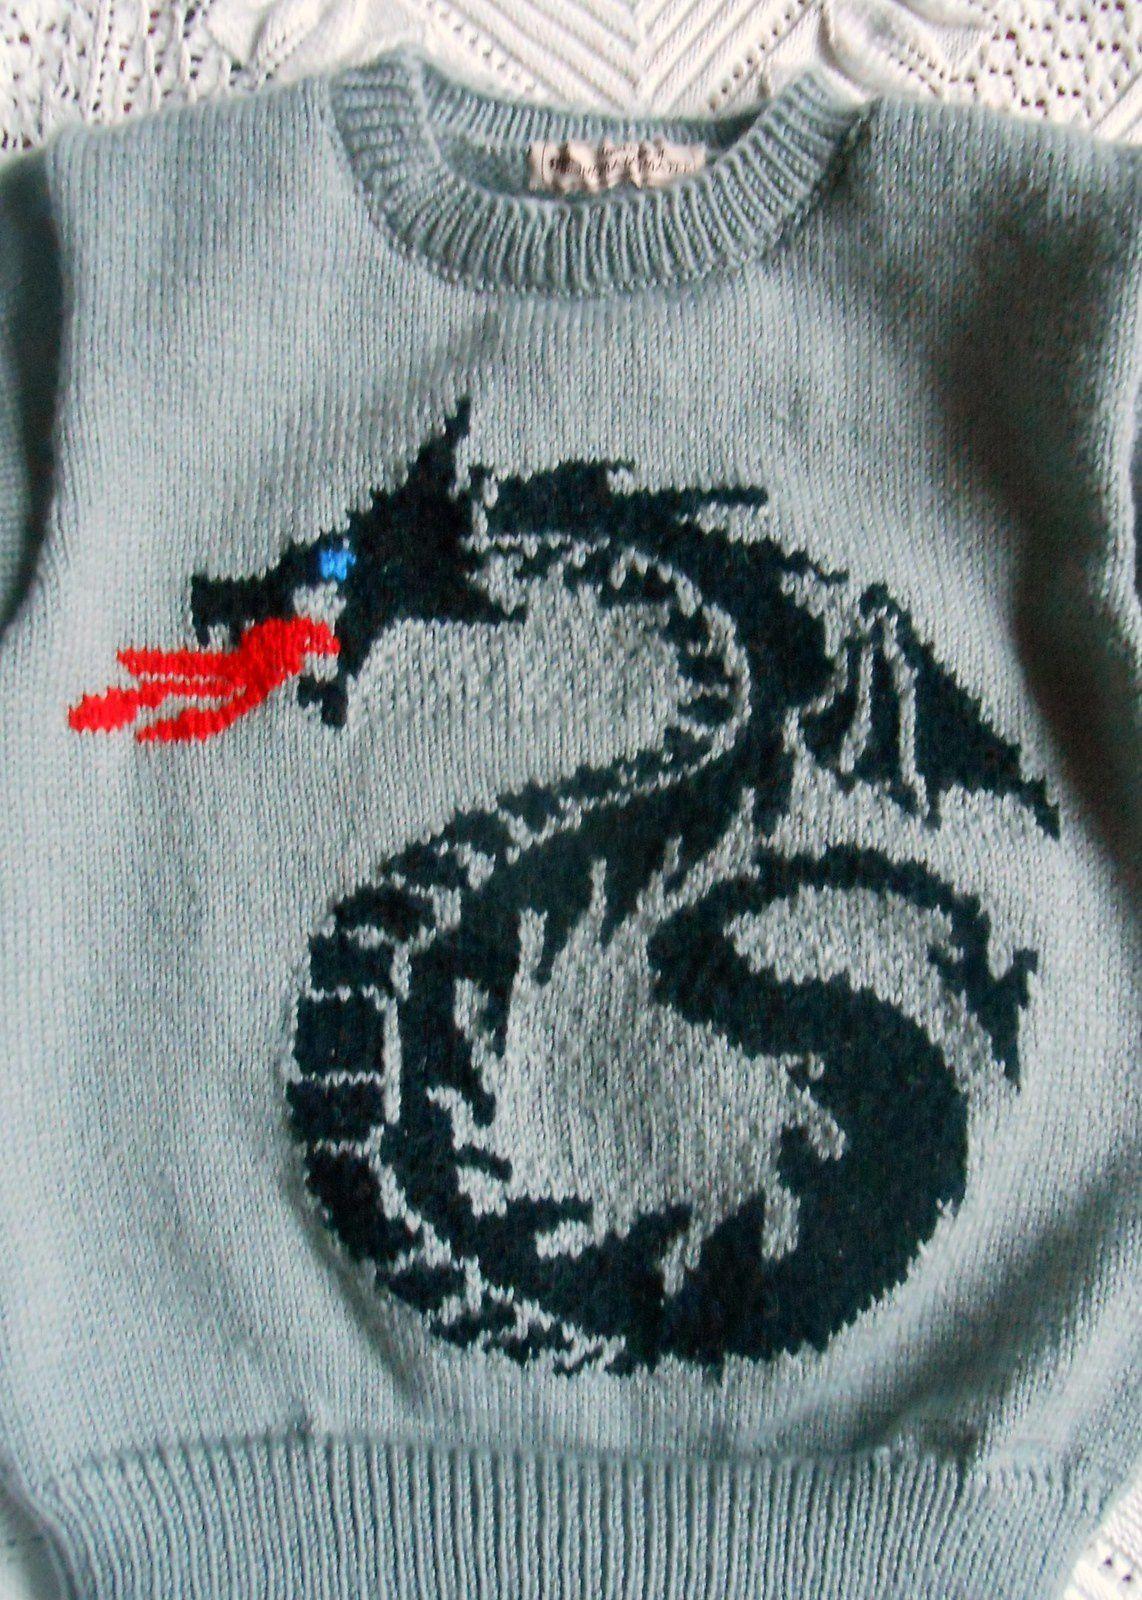 Le pull au dragon qui crache du feu... sinon c'est pas un vrai dragon!